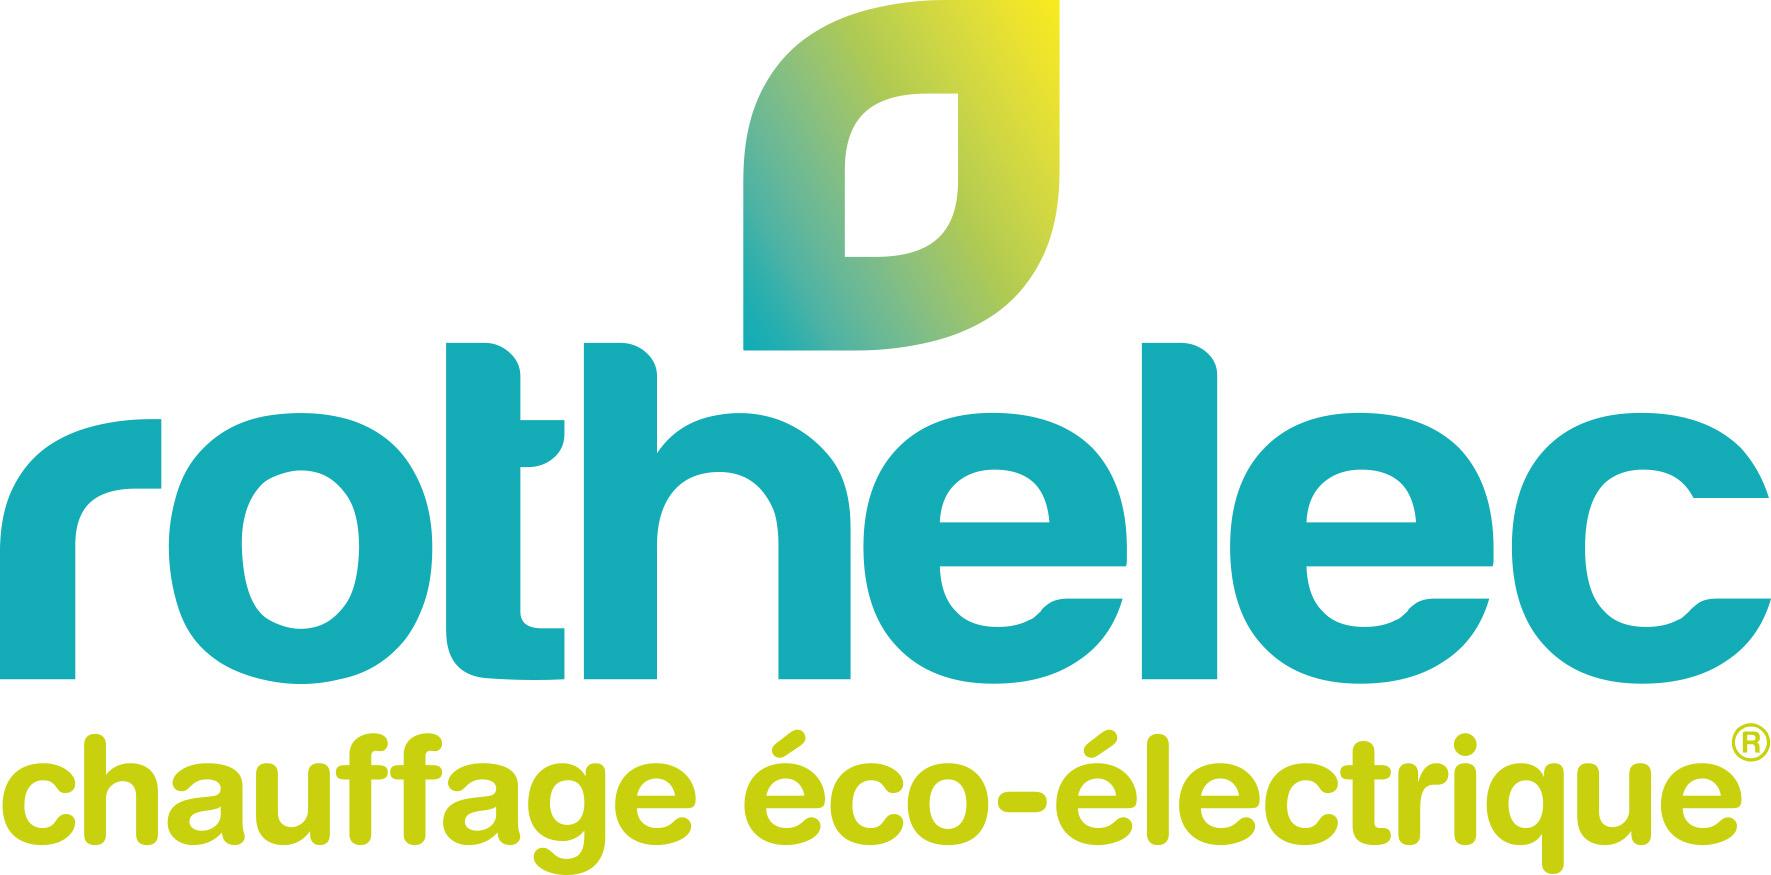 Radiateur Electrique Wikipedia intérieur fichier:logo rothelec 2016 — wikipédia